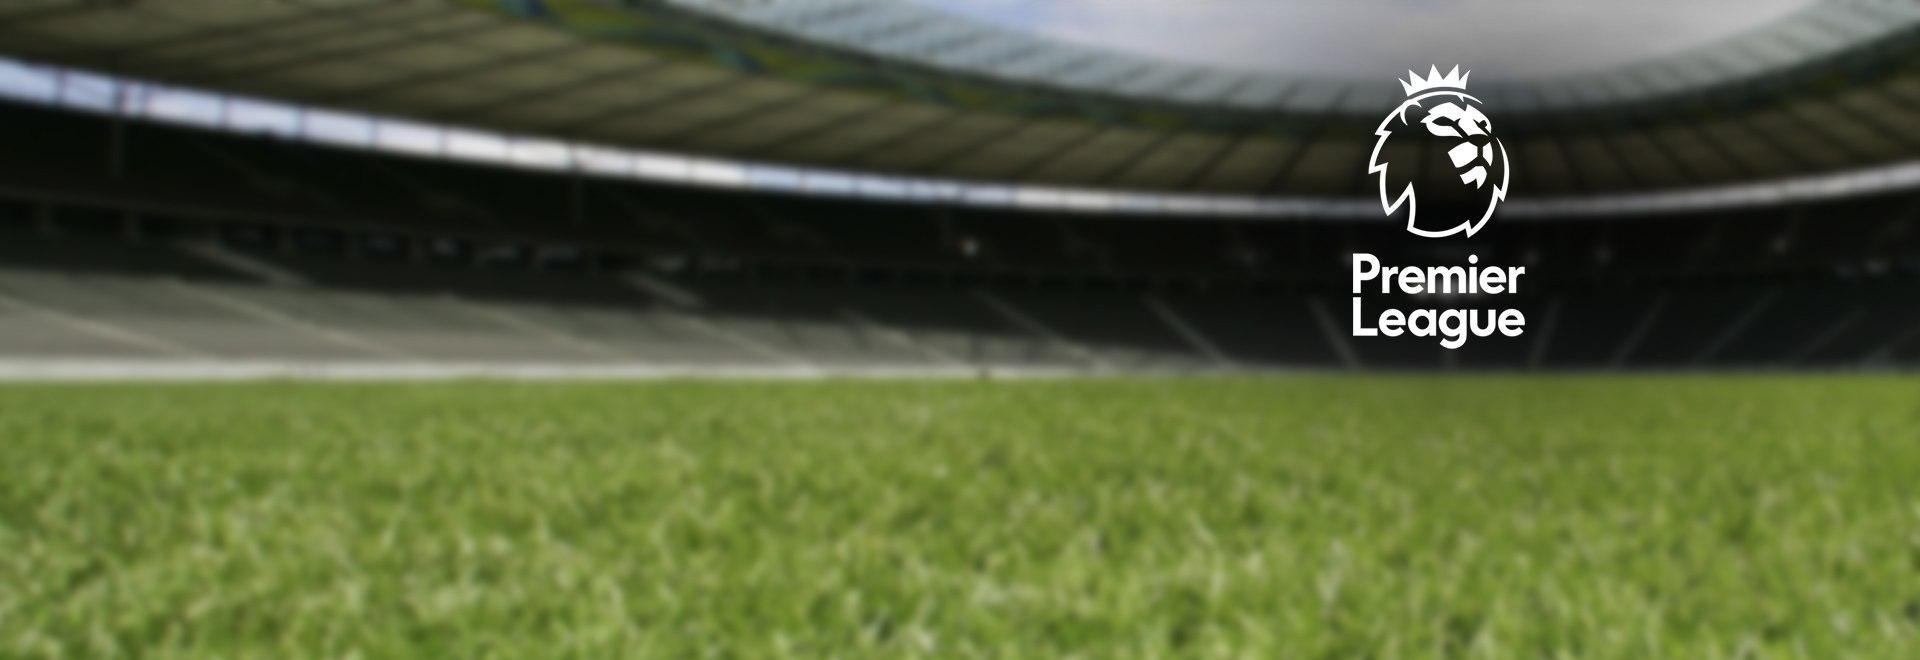 Brighton & Hove Albion - West Bromwich Albion. 6a g.